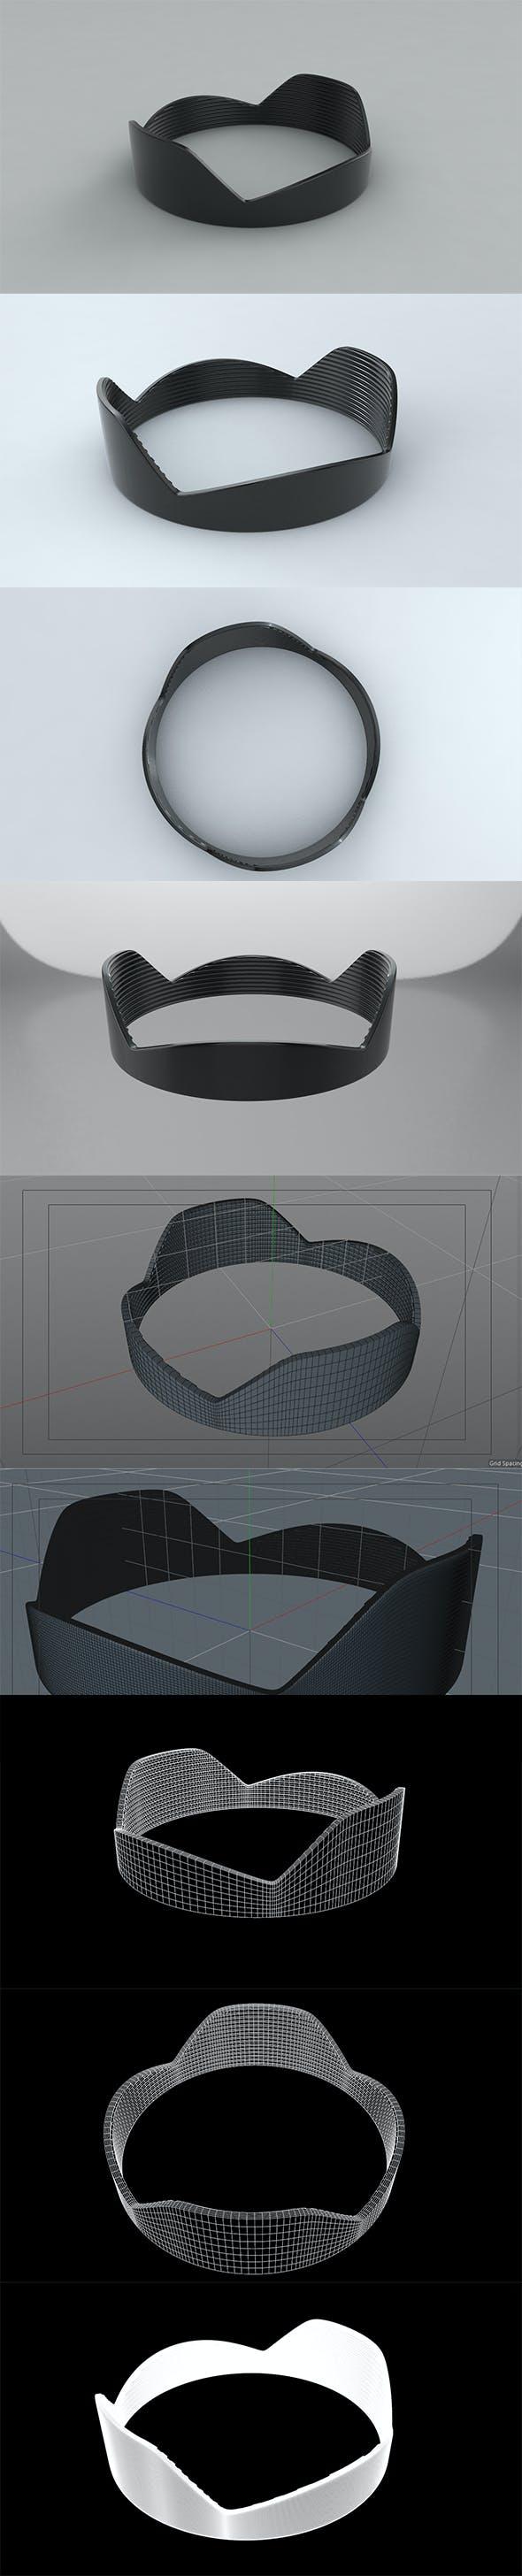 3D Lens Hood C4d - 3DOcean Item for Sale